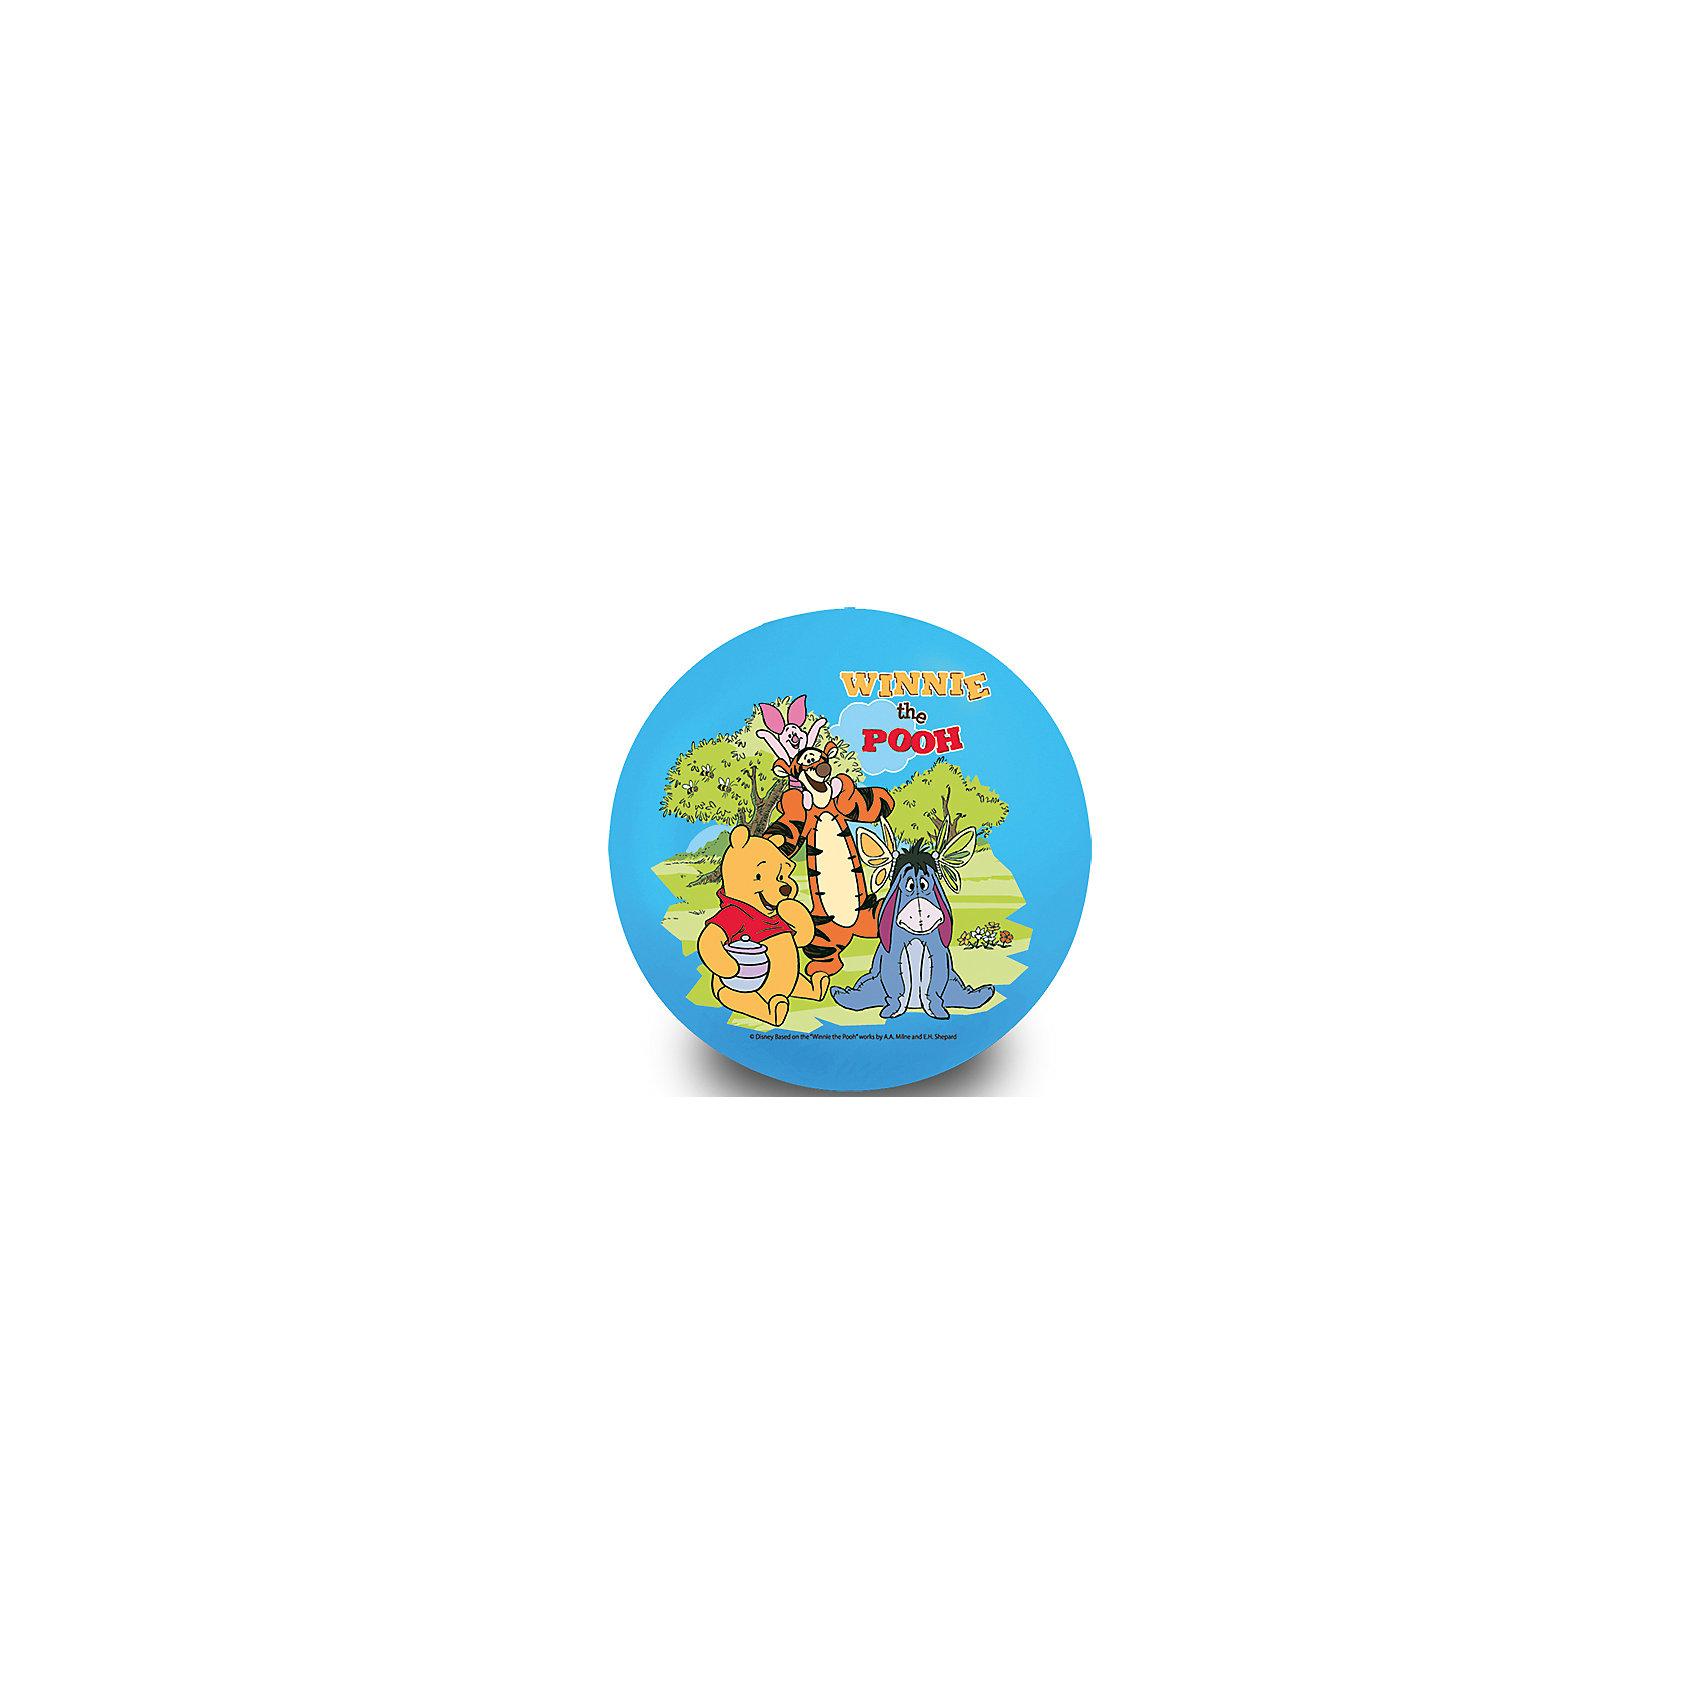 Играем вместе Мяч, 33 см, Винни-Пух, Играем вместе игрушки для ванной играем вместе игрушка пвх играем вместе бычок